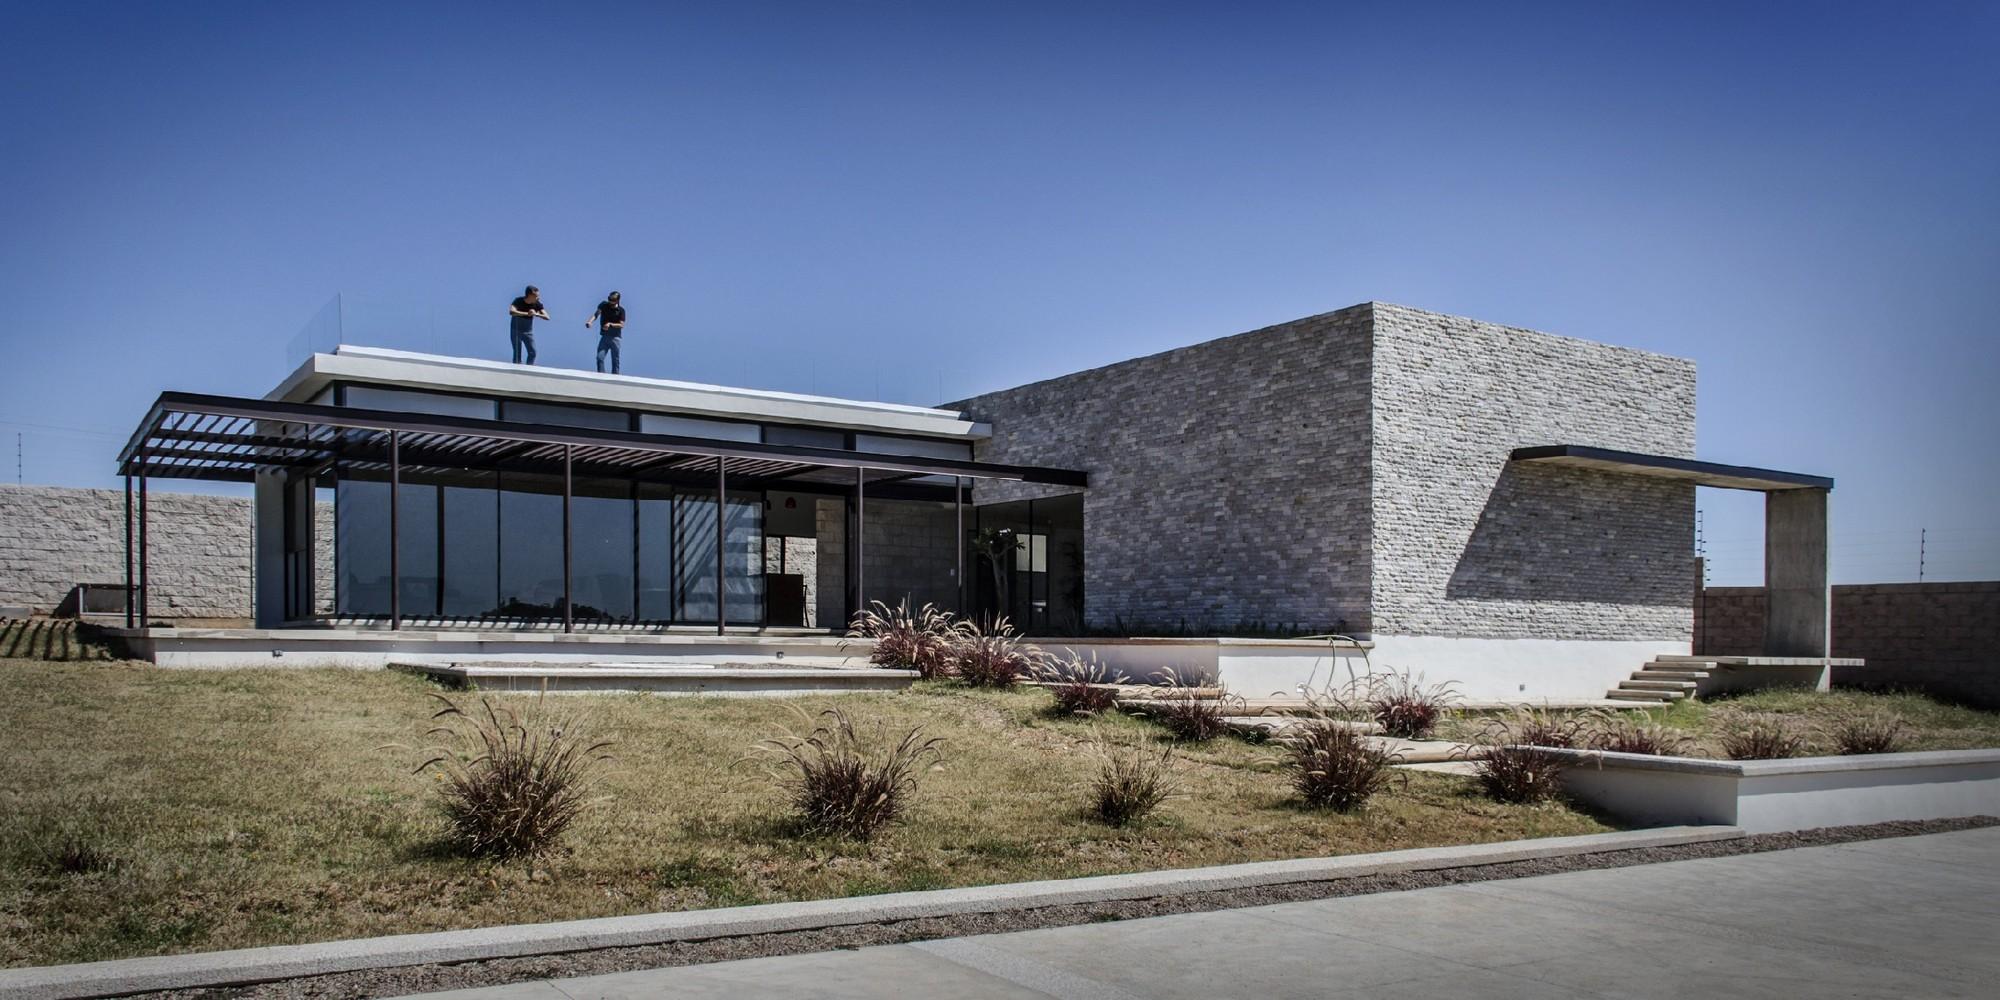 Fachada de casa moderna con piedra construye hogar for Casas con piedras en la fachada